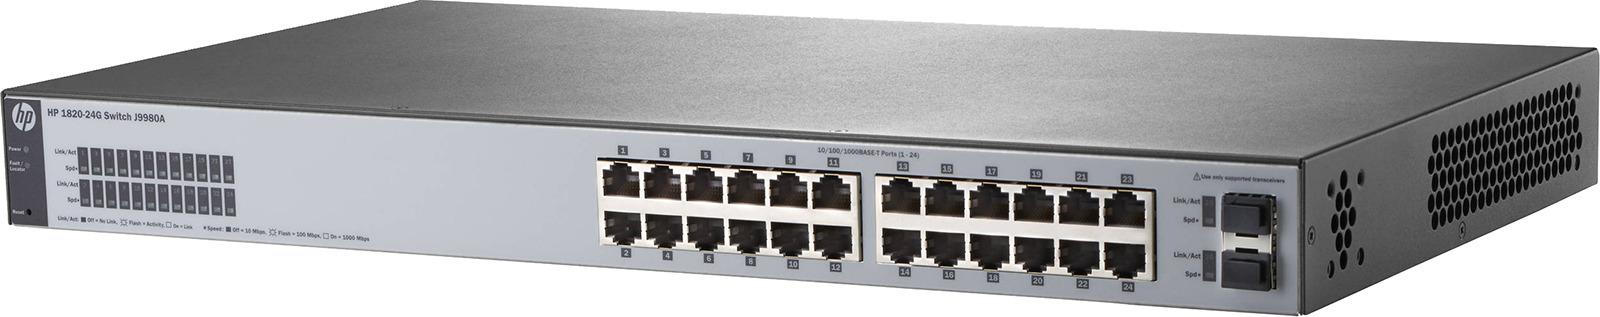 Коммутатор HPE 1820-24G, управляемый, J9980A цены